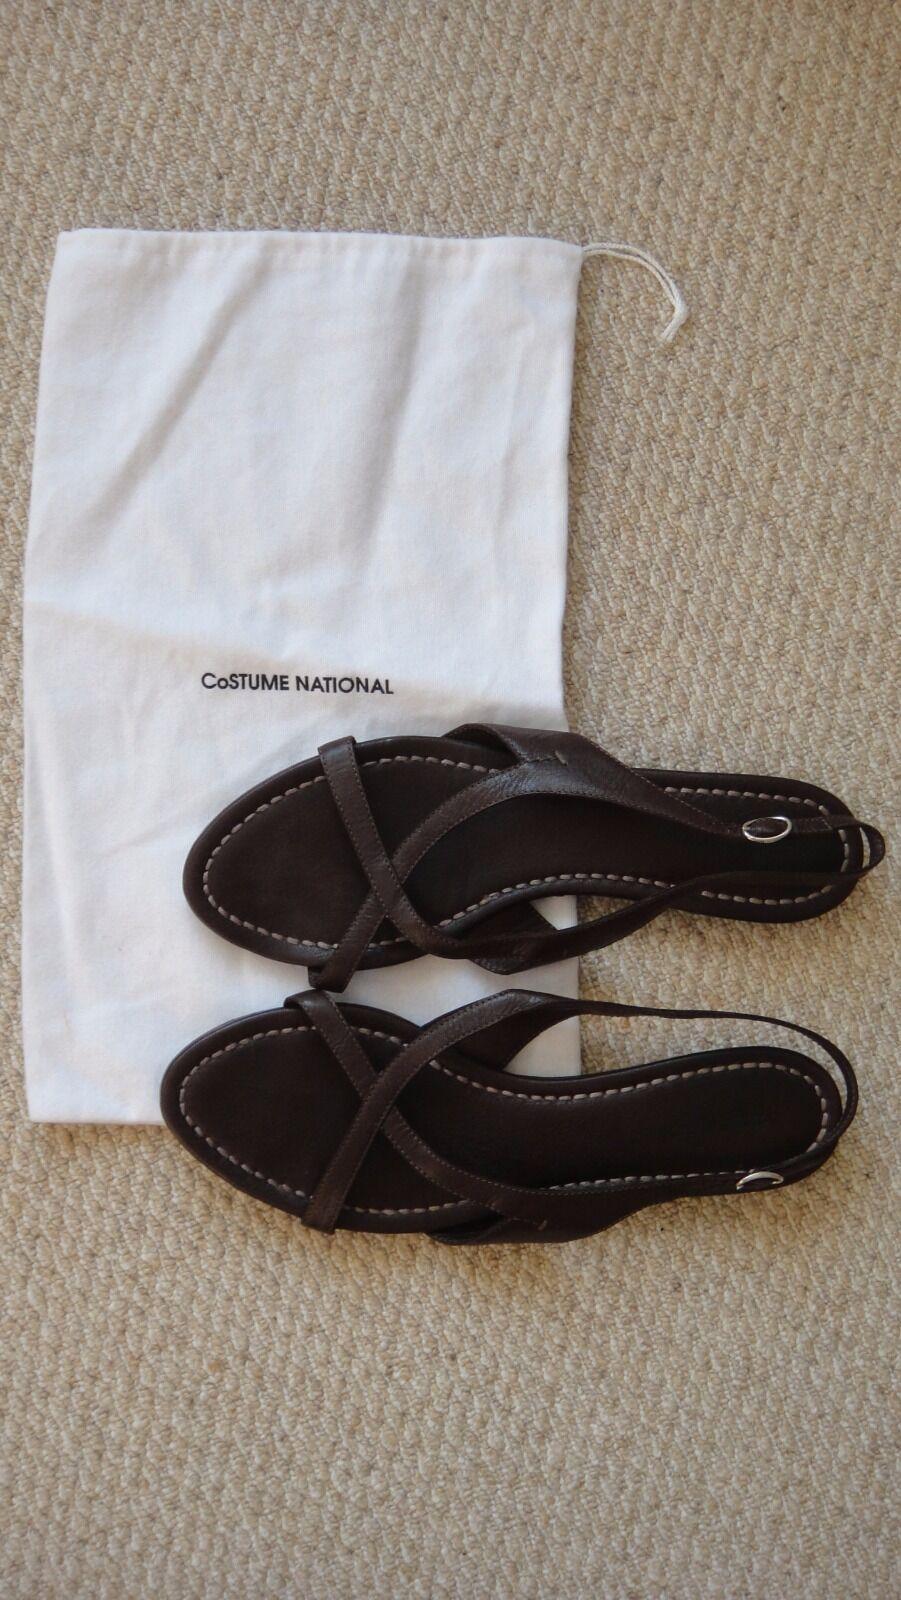 f312152154f5e5 les sandales de cuir cuir cuir brun costume national grec filet porteur d  taille 40 uk7 | Prix Raisonnable 1bb14d